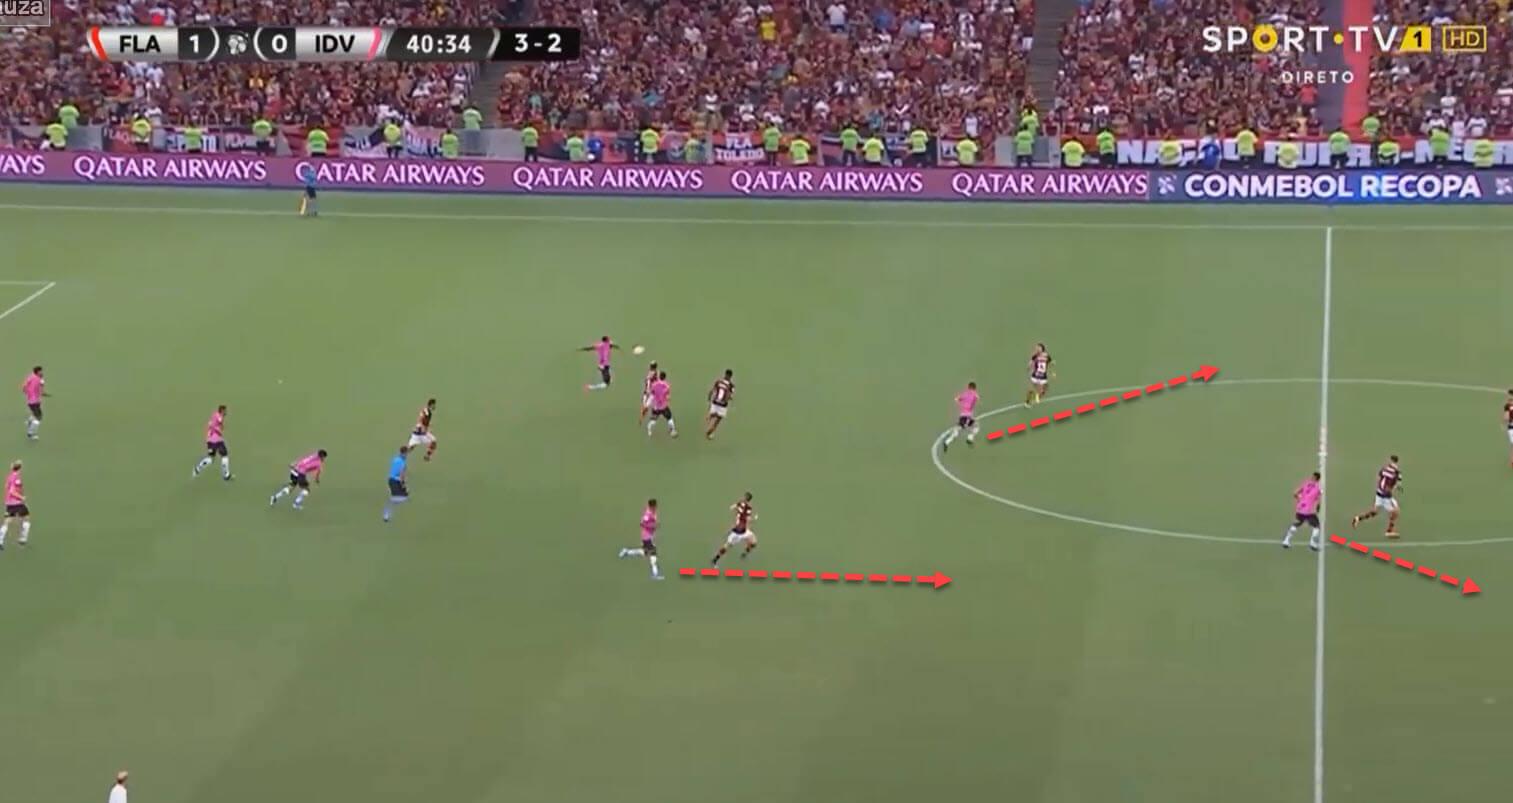 Miguel Angel Ramirez at Independiente del Valle 2019/20 - tactical analysis - tactics